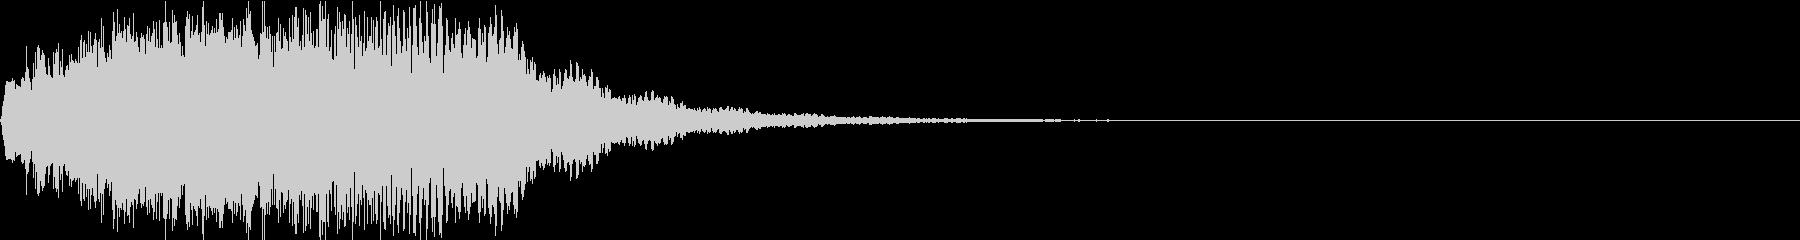 プーン・サイレン・ブザー・キュイーン3の未再生の波形